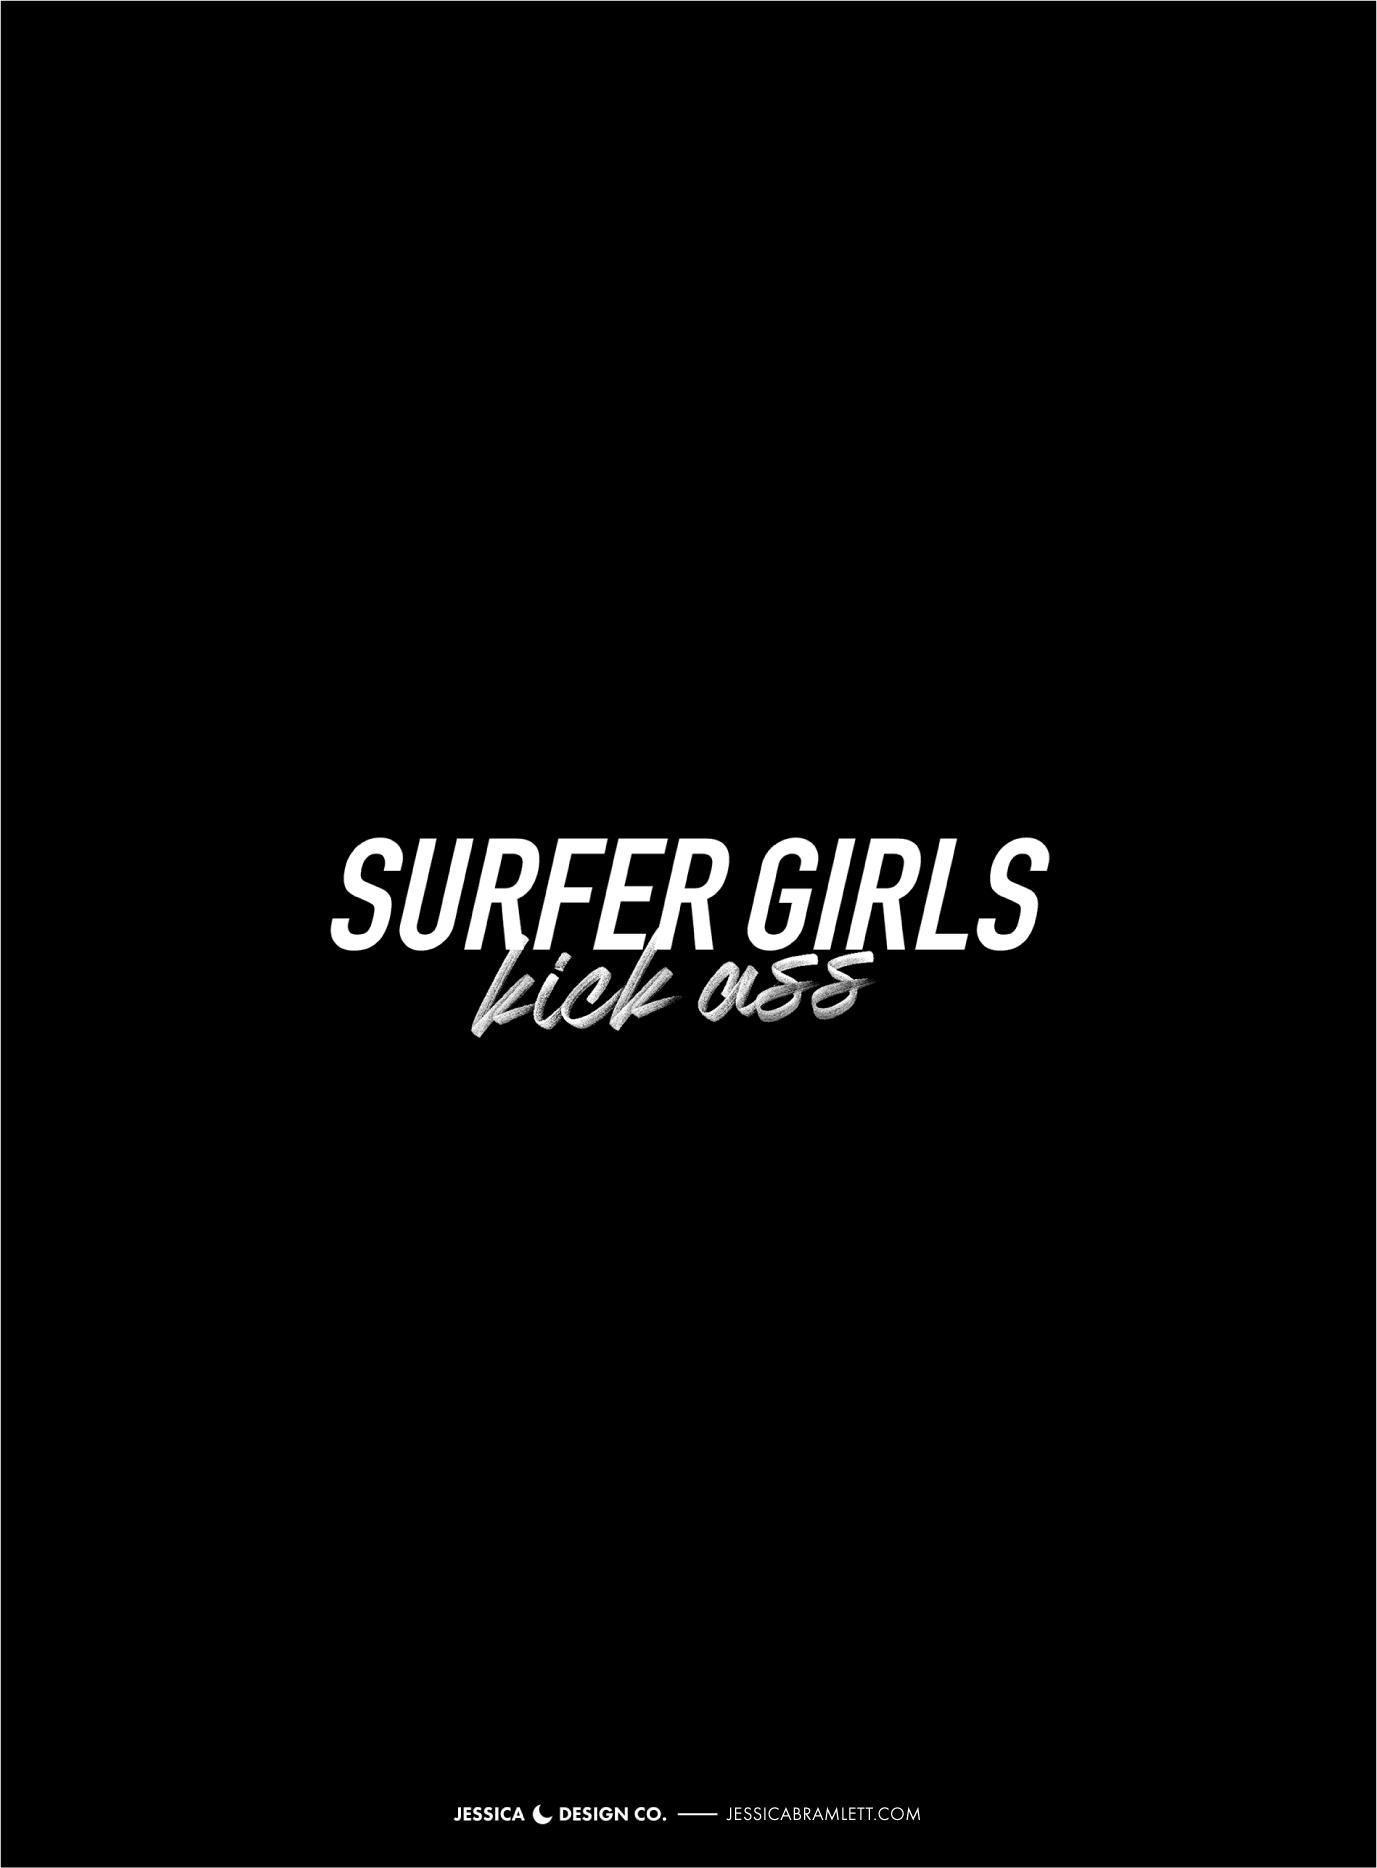 Surfer Girls Kick Ass Branding